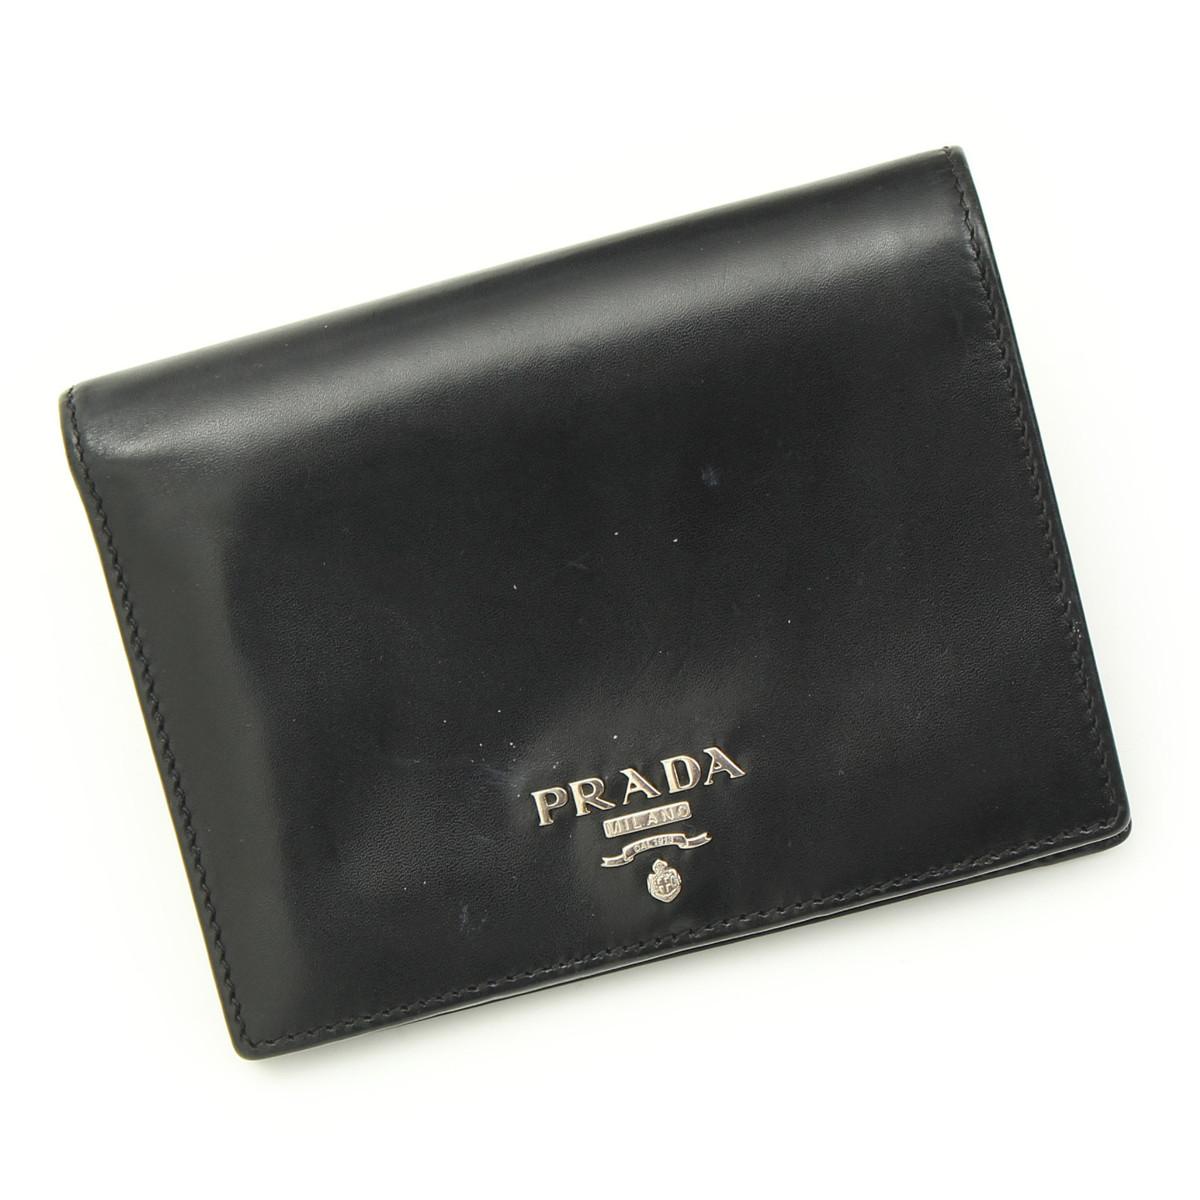 【プラダ】Prada  2つ折り 財布 1M0668 ブラック 【中古】【鑑定済・正規品保証】22763